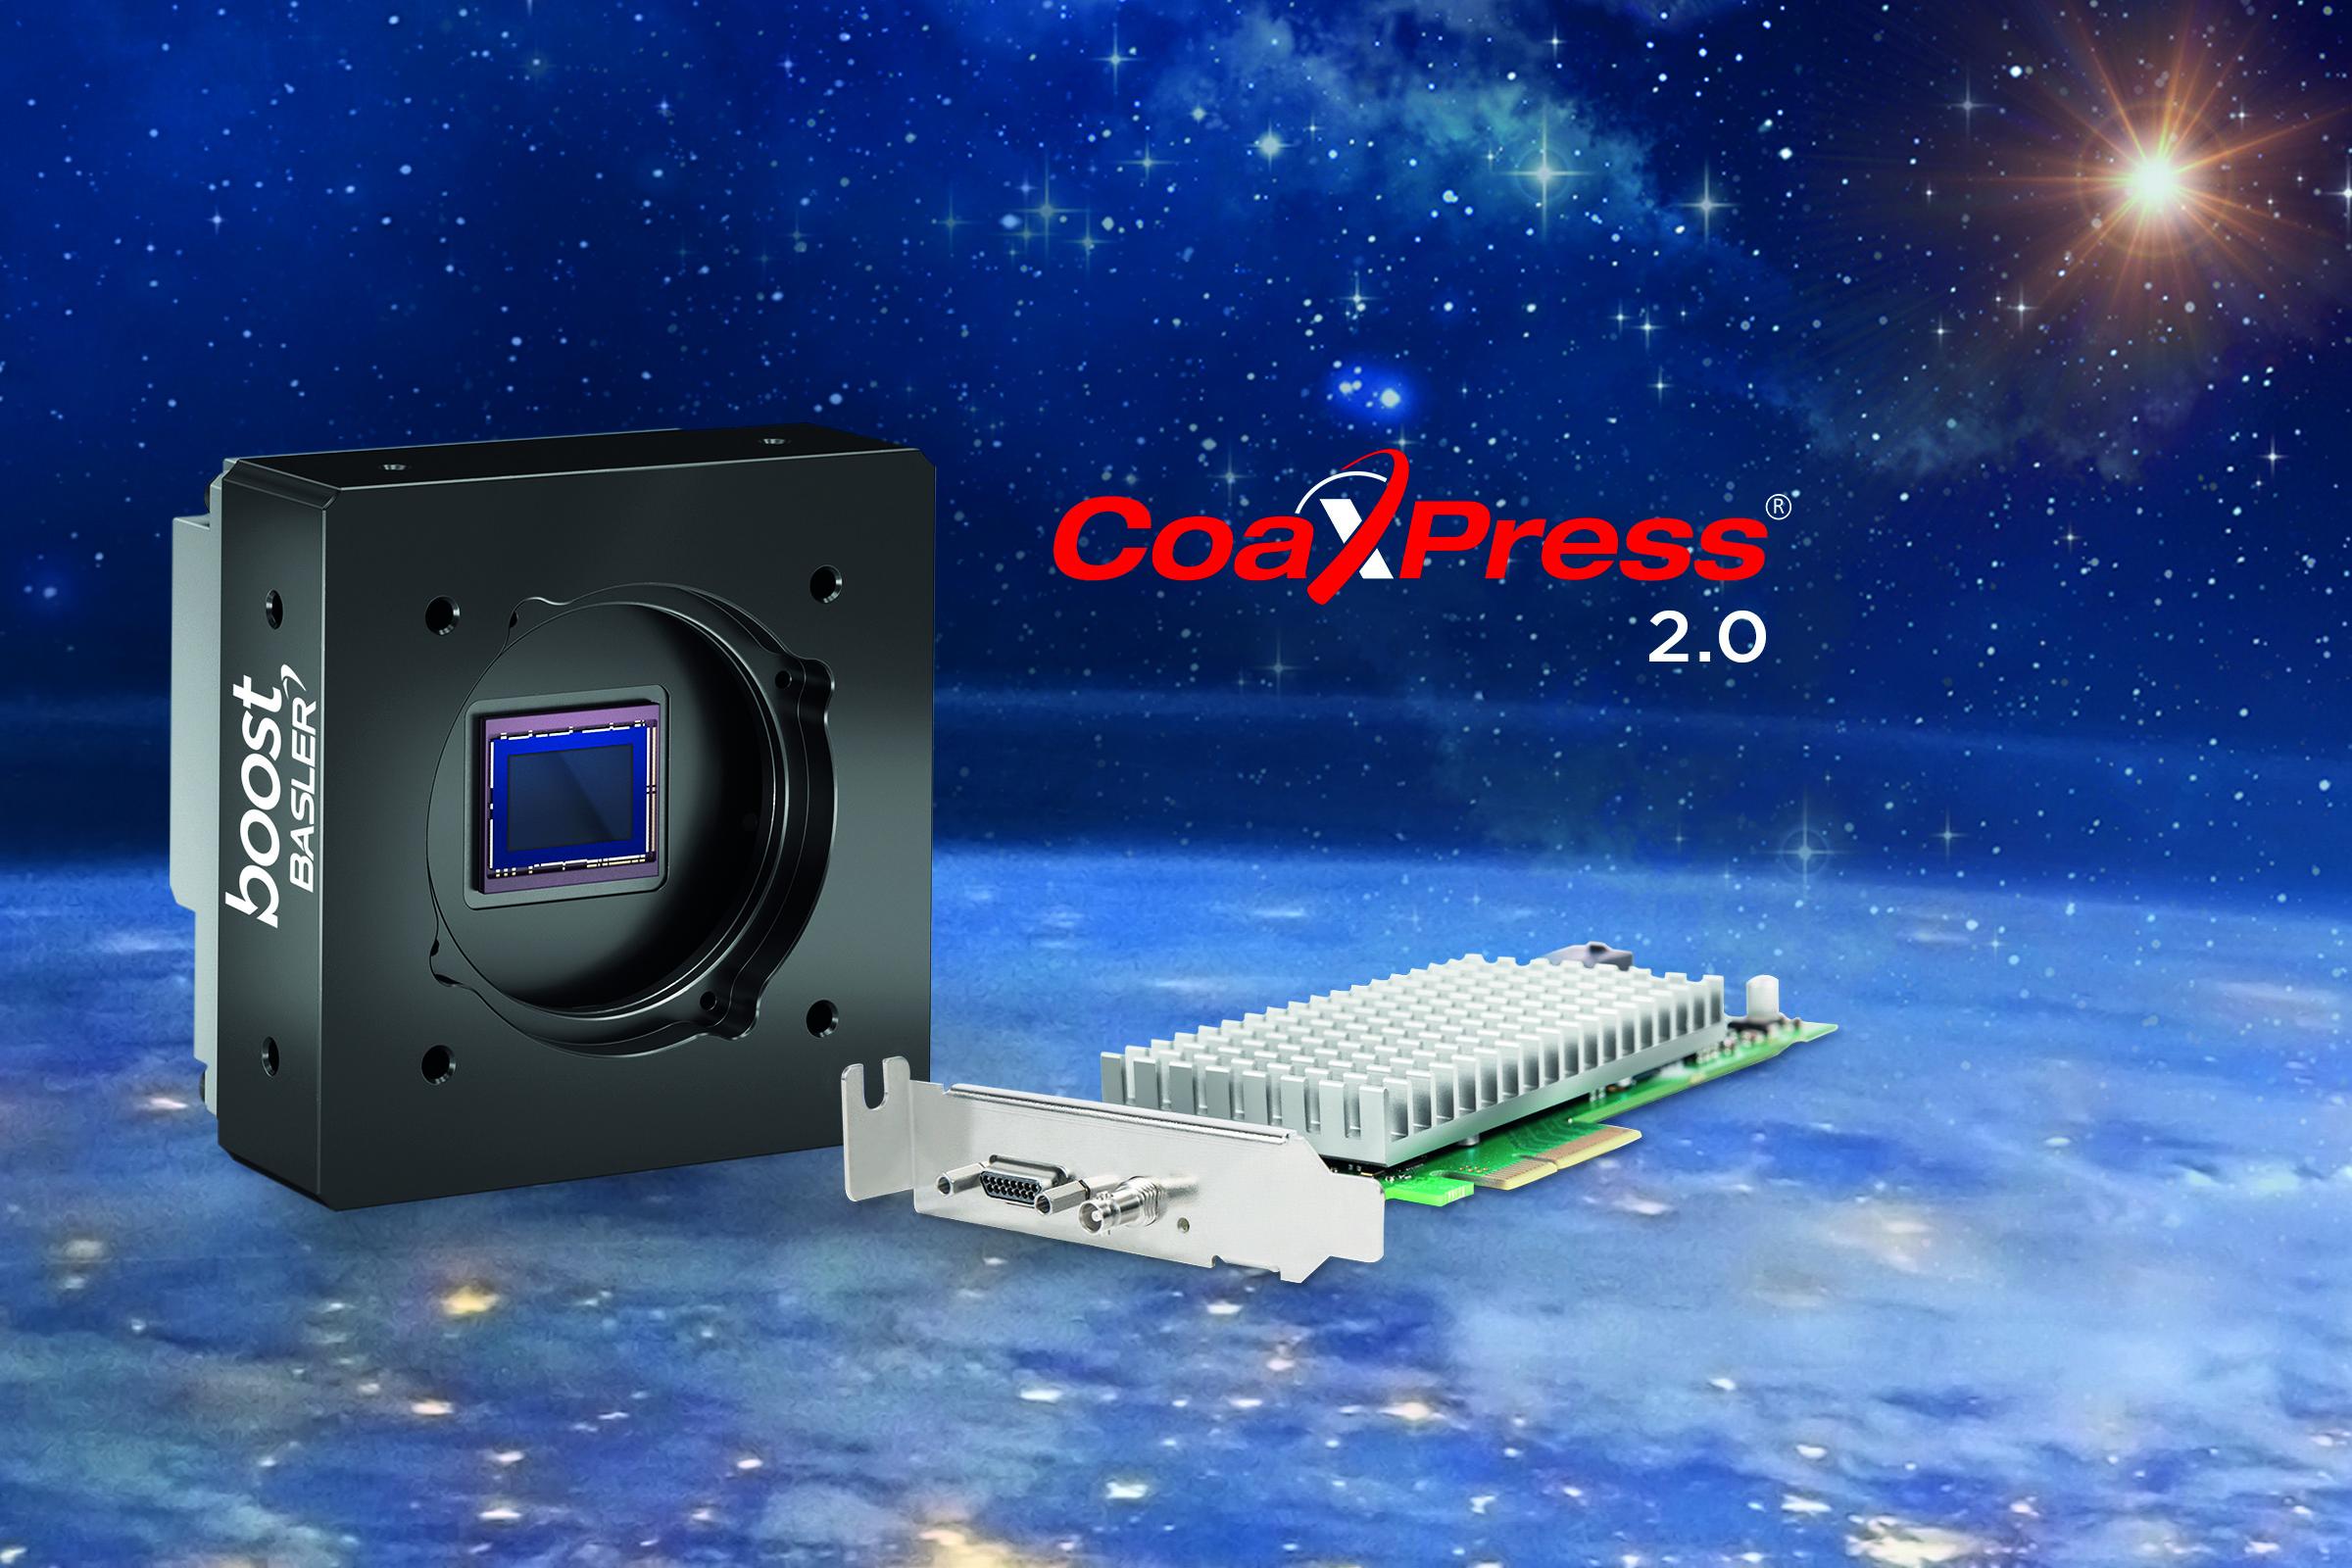 Bild 1 | Basler bietet neben der CXP-2.0-Kamera Boost zudem die eigens designte CXP-12-Schnittstellenkarte an. Kombiniert mit der Kamera bilden beide das Basler Boost Bundle. (Bild: Basler AG)